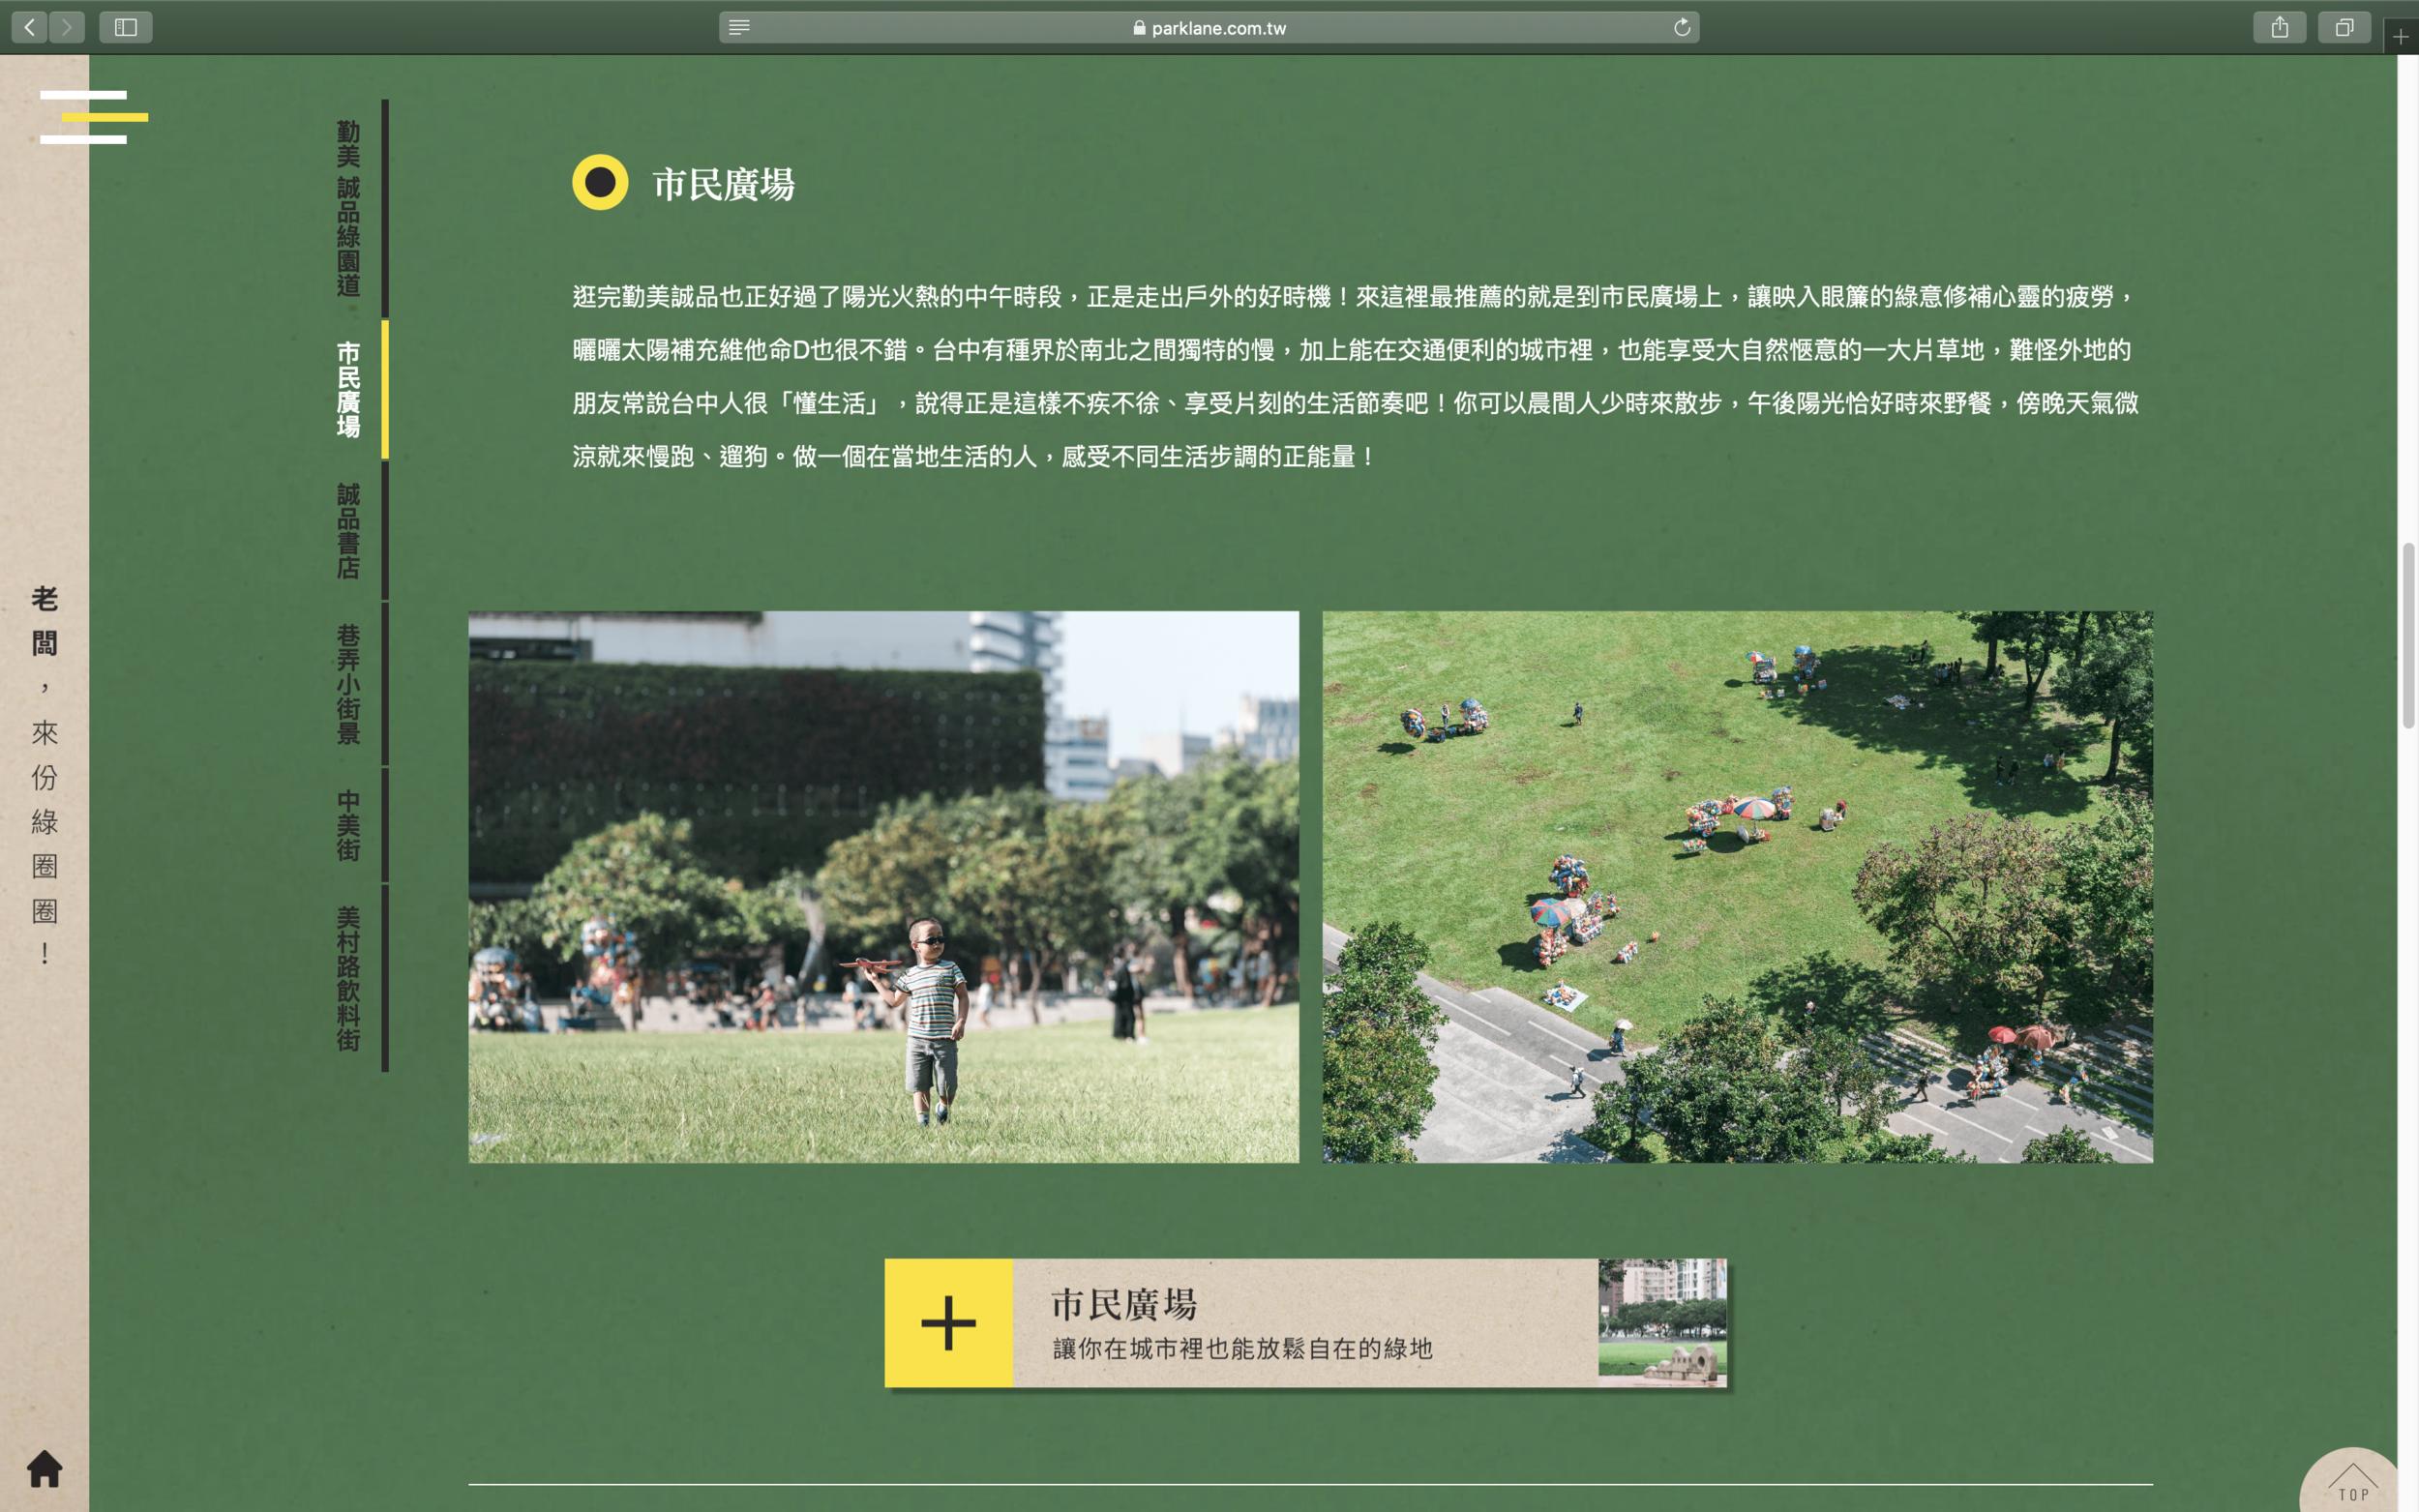 綠圈圈企劃_Web15.png